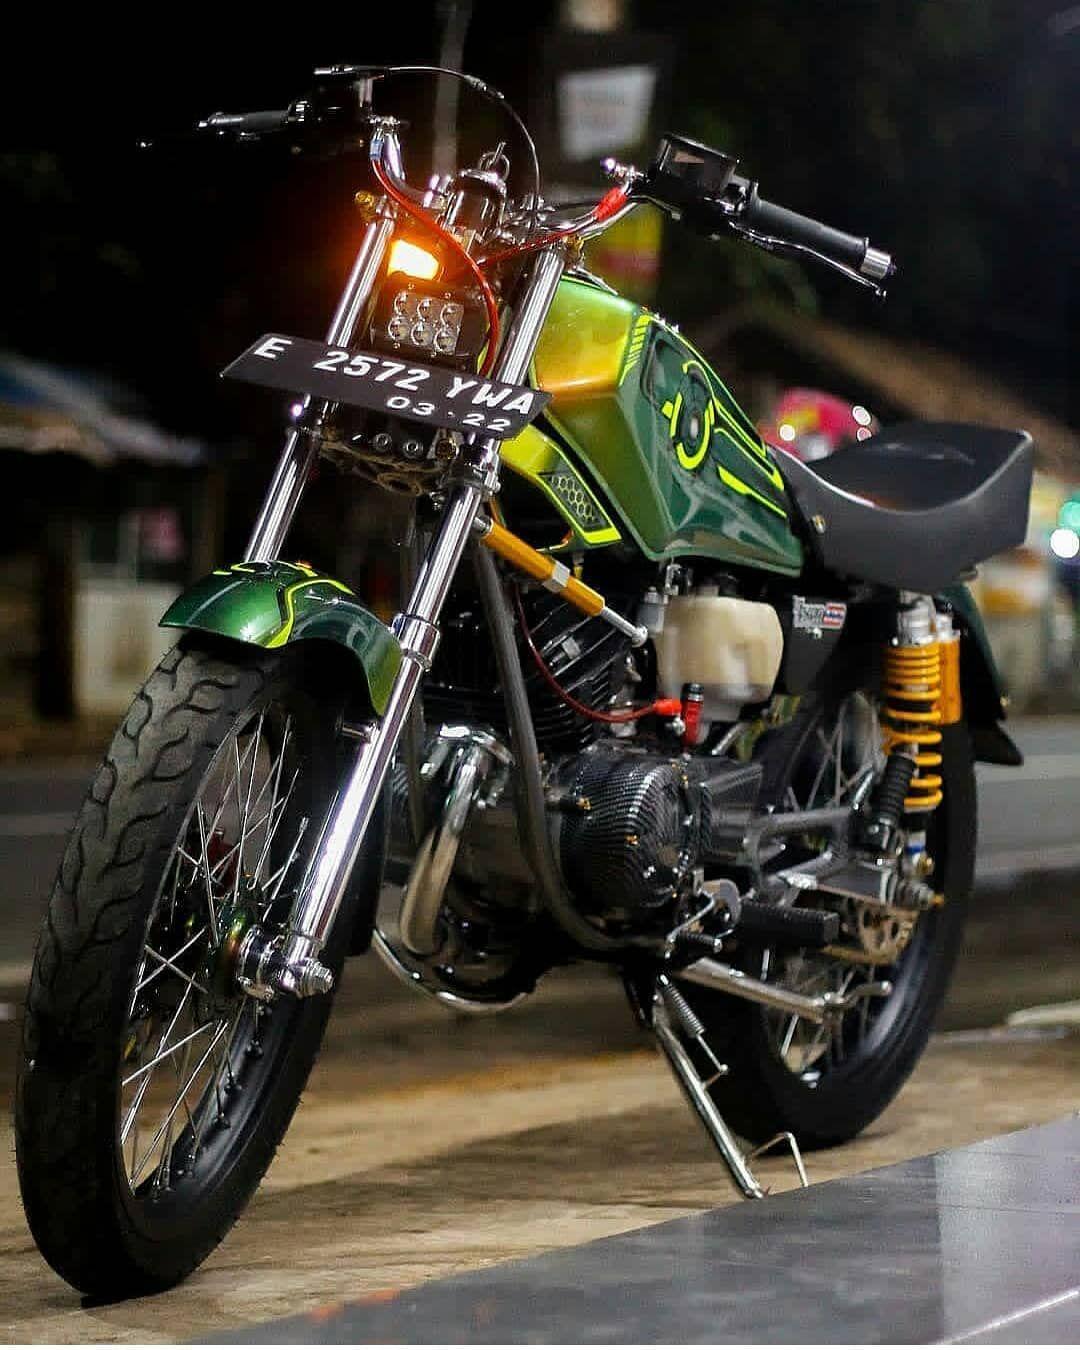 Gambar Mungkin Berisi Sepeda Motor Mekanik Mobil Sepeda Olahraga Motor Jalanan